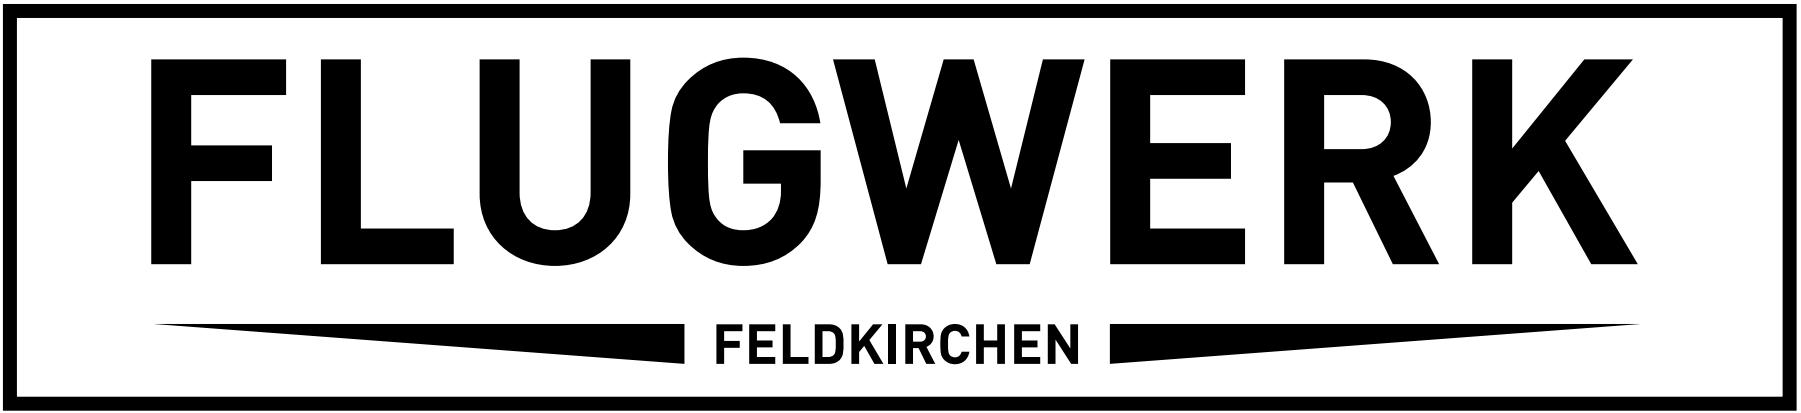 Flugwerk Feldkirchen